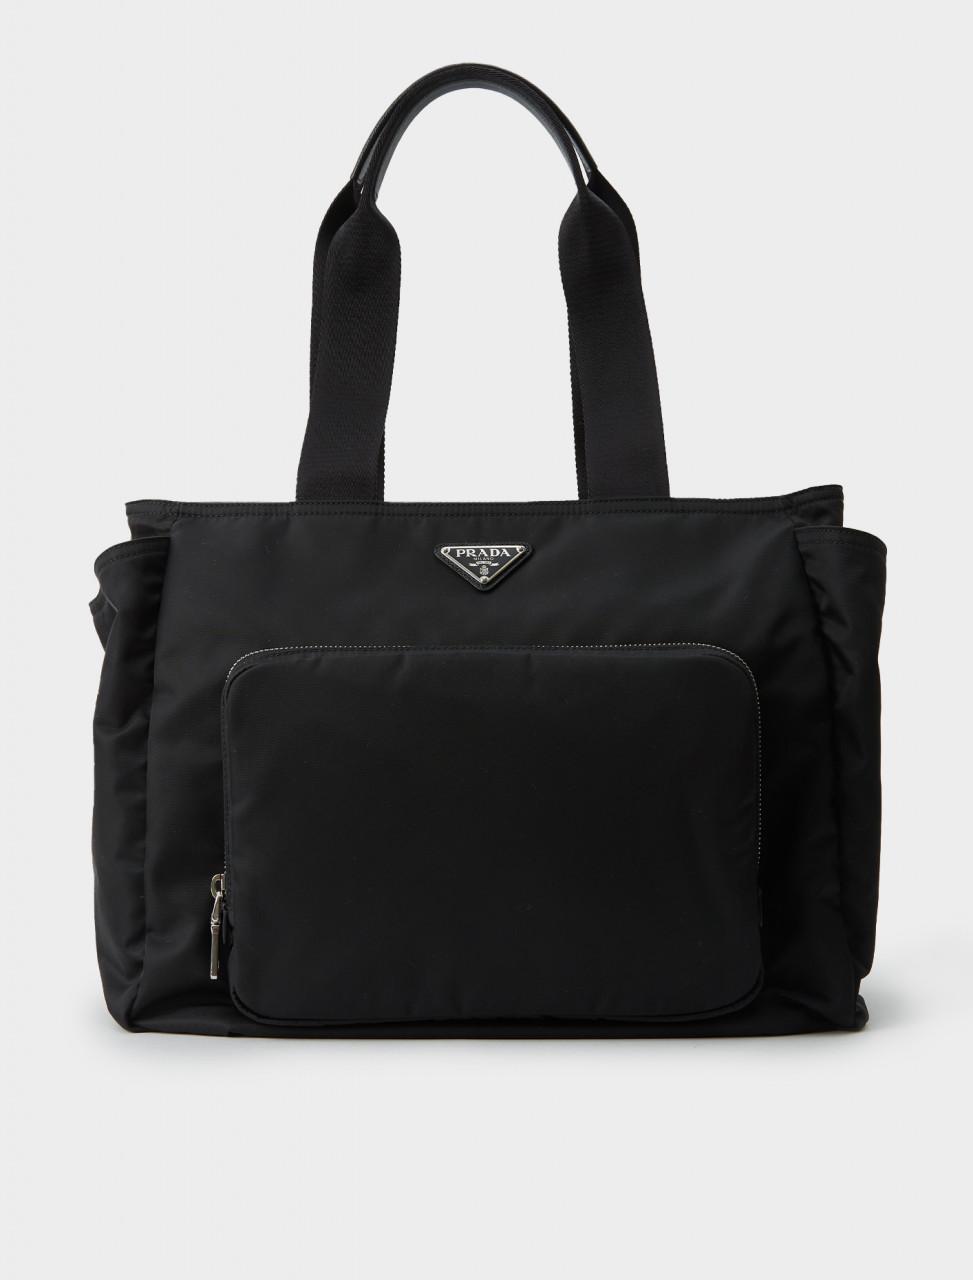 Prada Nylon Shopping Bag in Black